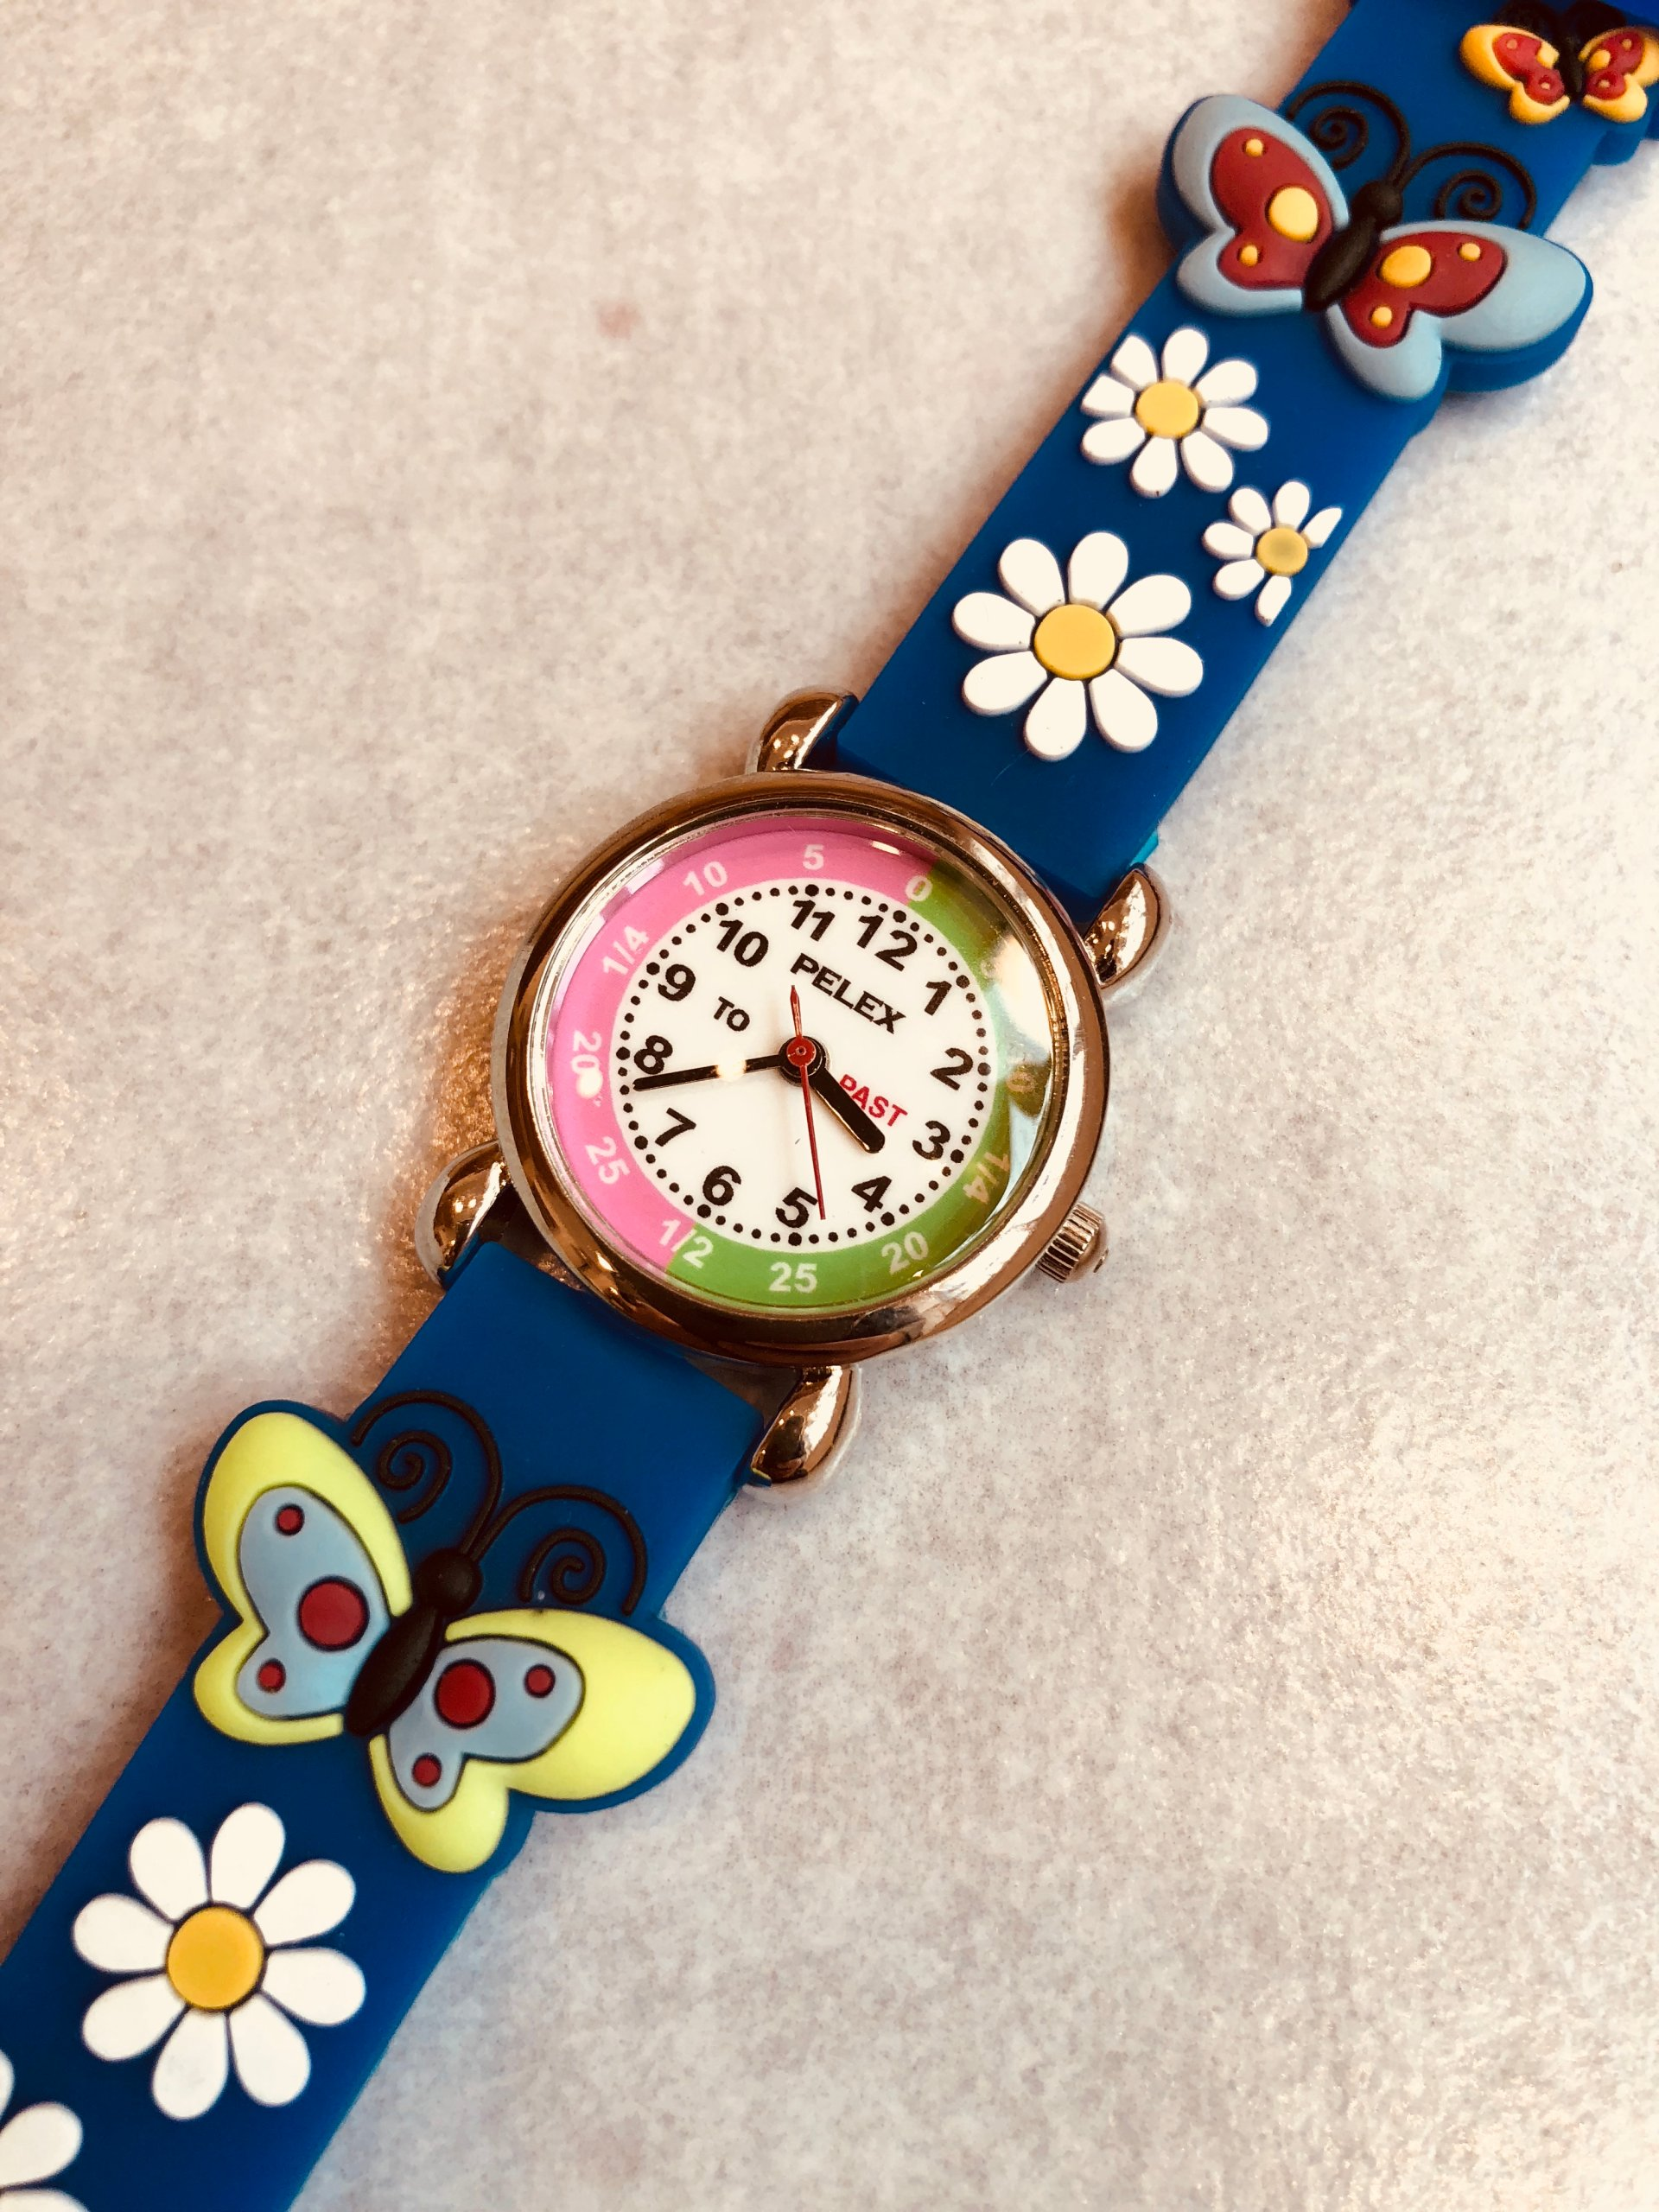 Zegarek Dzieciecy Pelex Niebieski Motylek